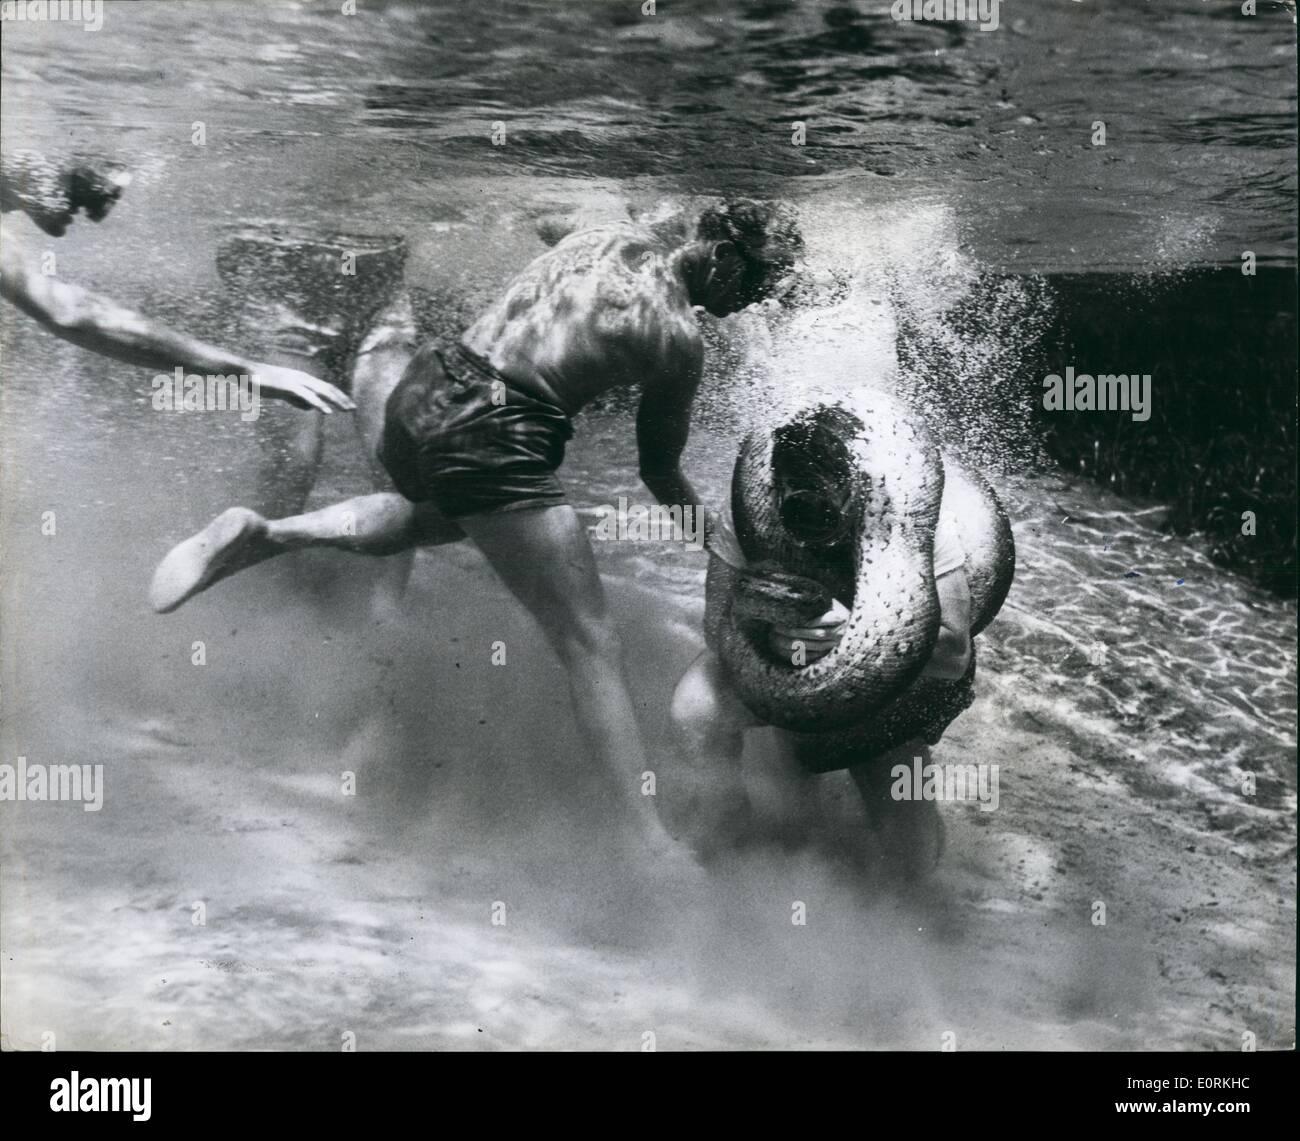 Jan 1, 1960 - l'homme contre anaconda - sous l'eau. Plus fantastique bataille d'une vie: horreur inscrit avec détermination sur le visage d'un petit groupe de spectateurs que Ross Allen à 50 ans a procédé sur le naturaliste américain maddest stunt de sa vie. aux prises avec un tueur sous l'Anaconda. Jamais auparavant l'histoire de l'humanité a un tel défi fantastique eu lieu Photo Stock